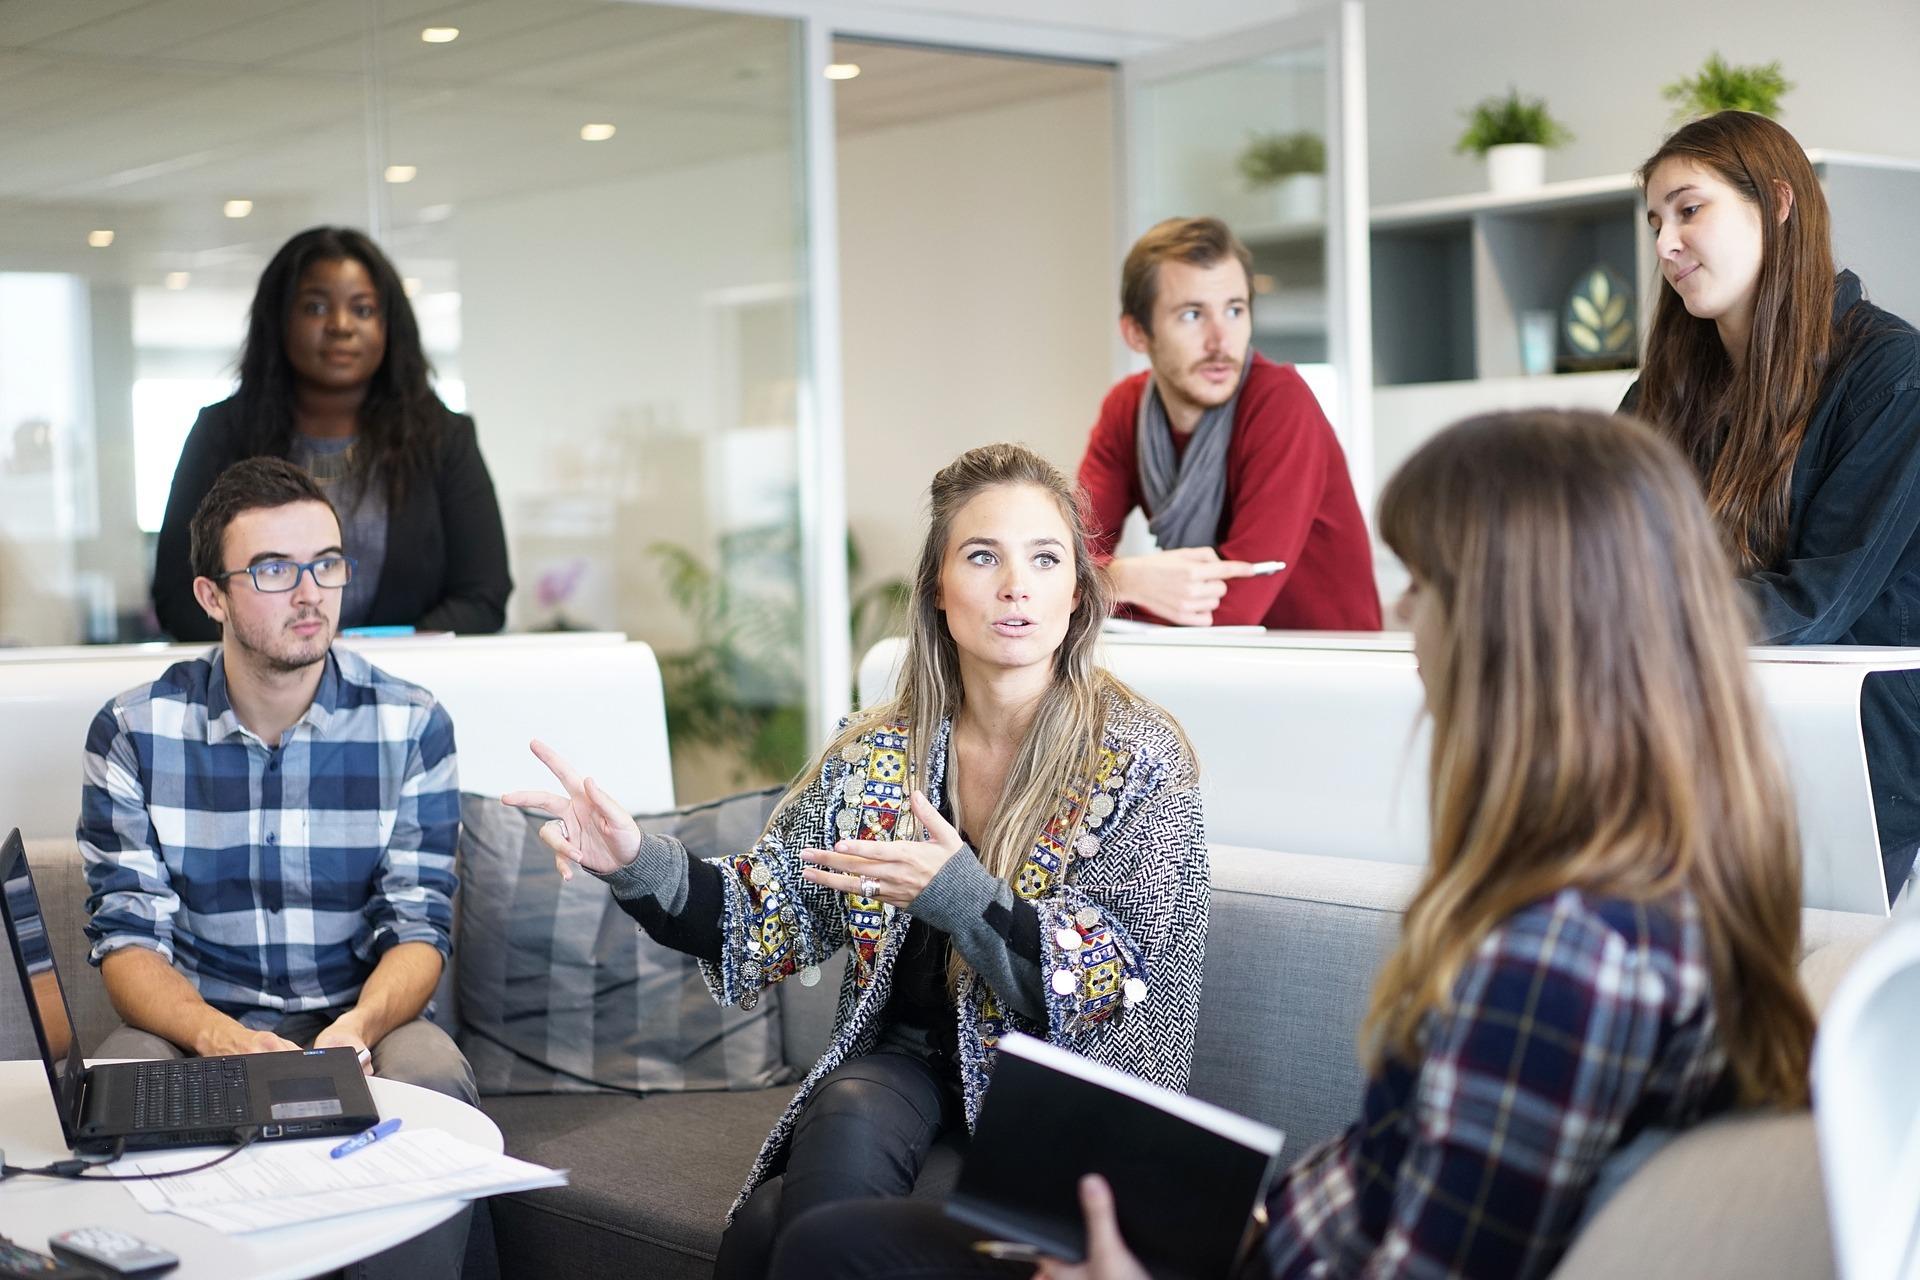 Abwechslung im Büro – so heben Sie die Stimmung auf ratgeber-blogger.de